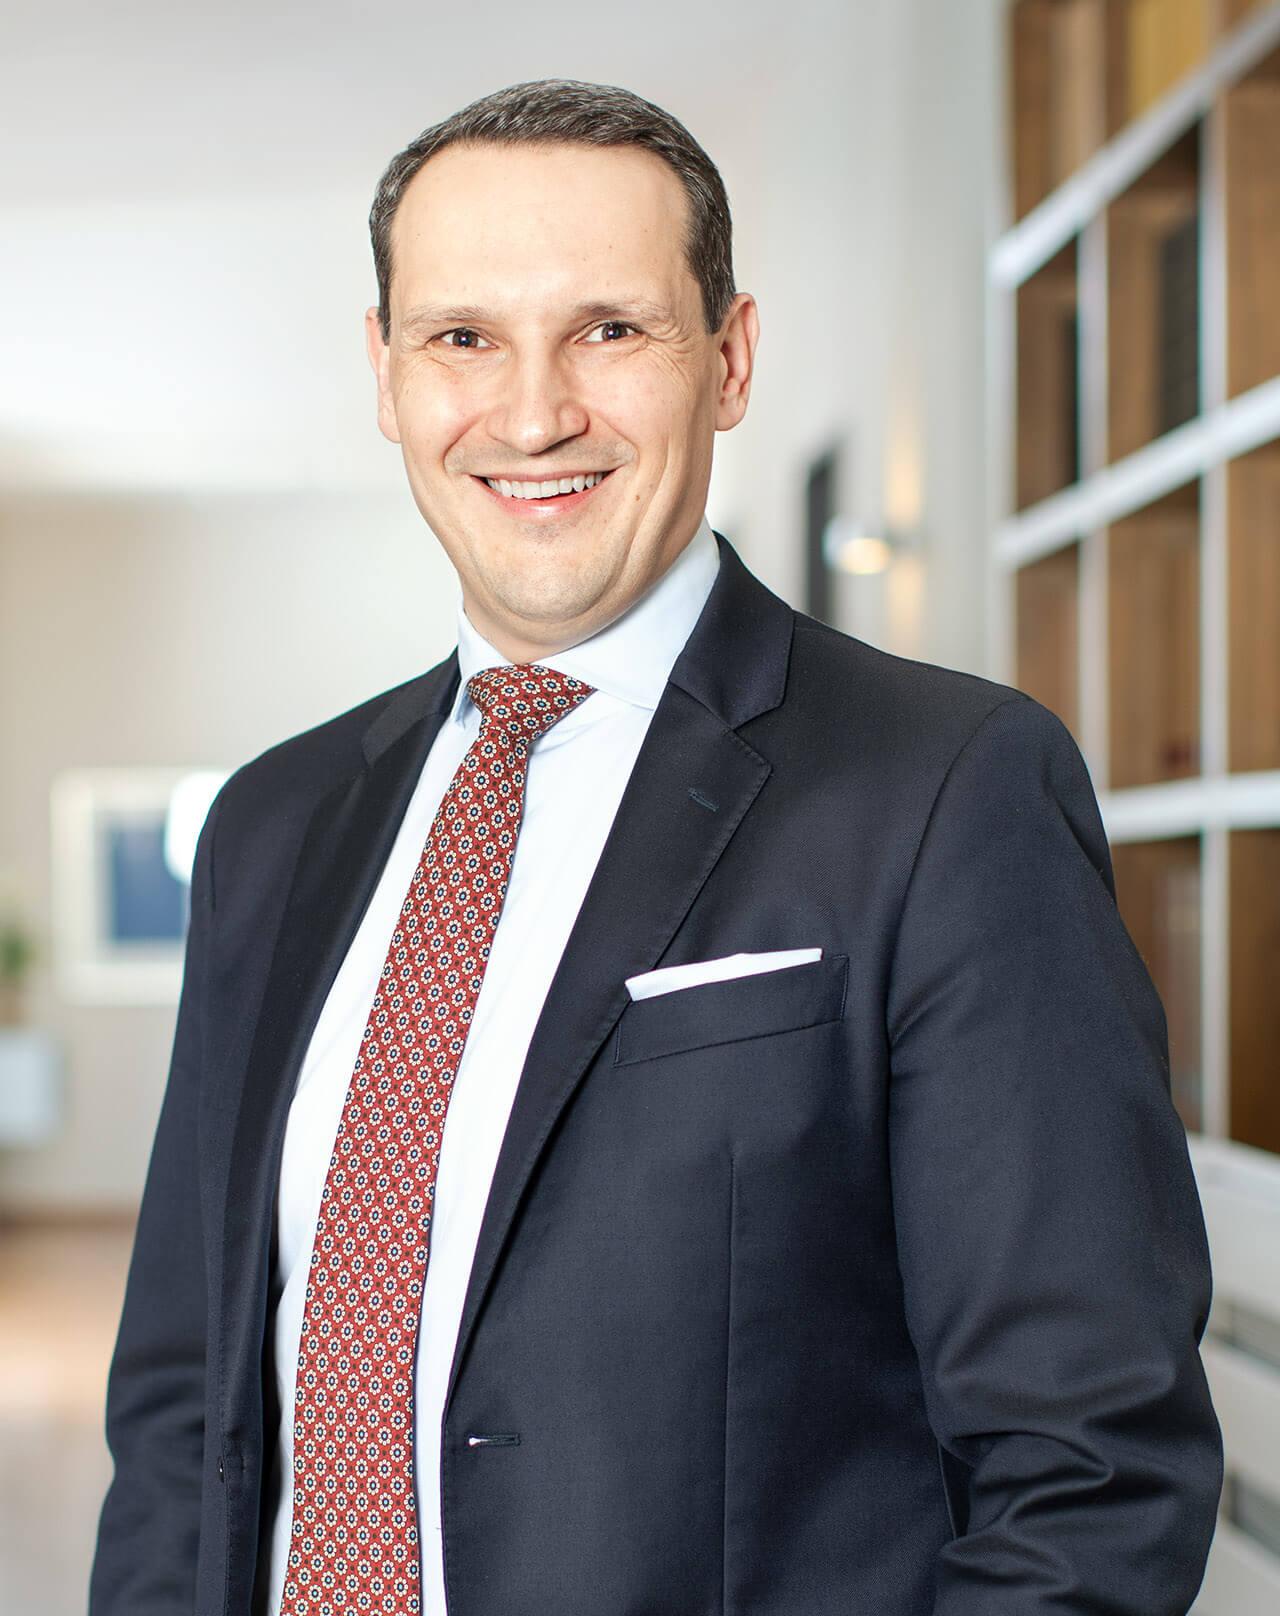 Tomasz Czerny